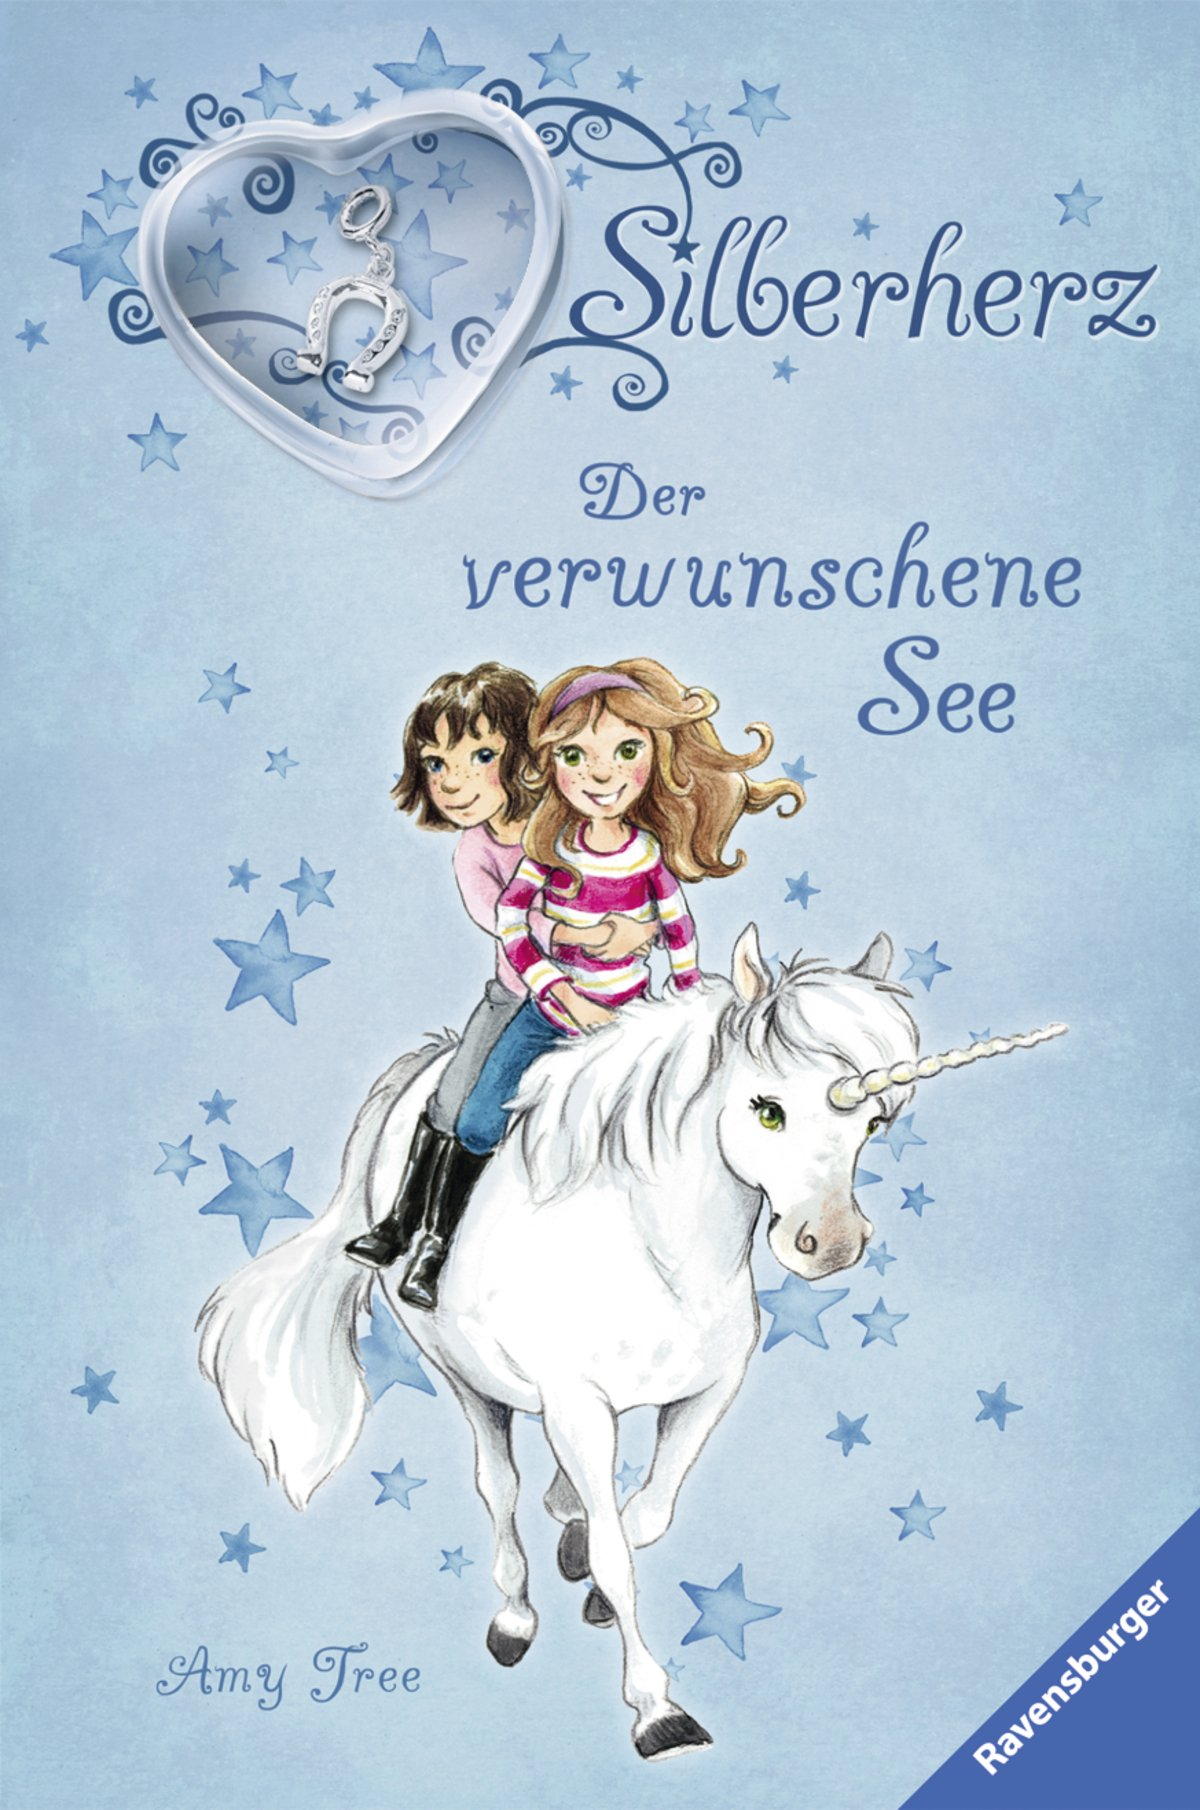 Der verwunschene See (Silberherz, Band 2) Gebundenes Buch – 1. Juli 2010 Amy Tree Gwen Millward Anne Braun Ravensburger Buchverlag